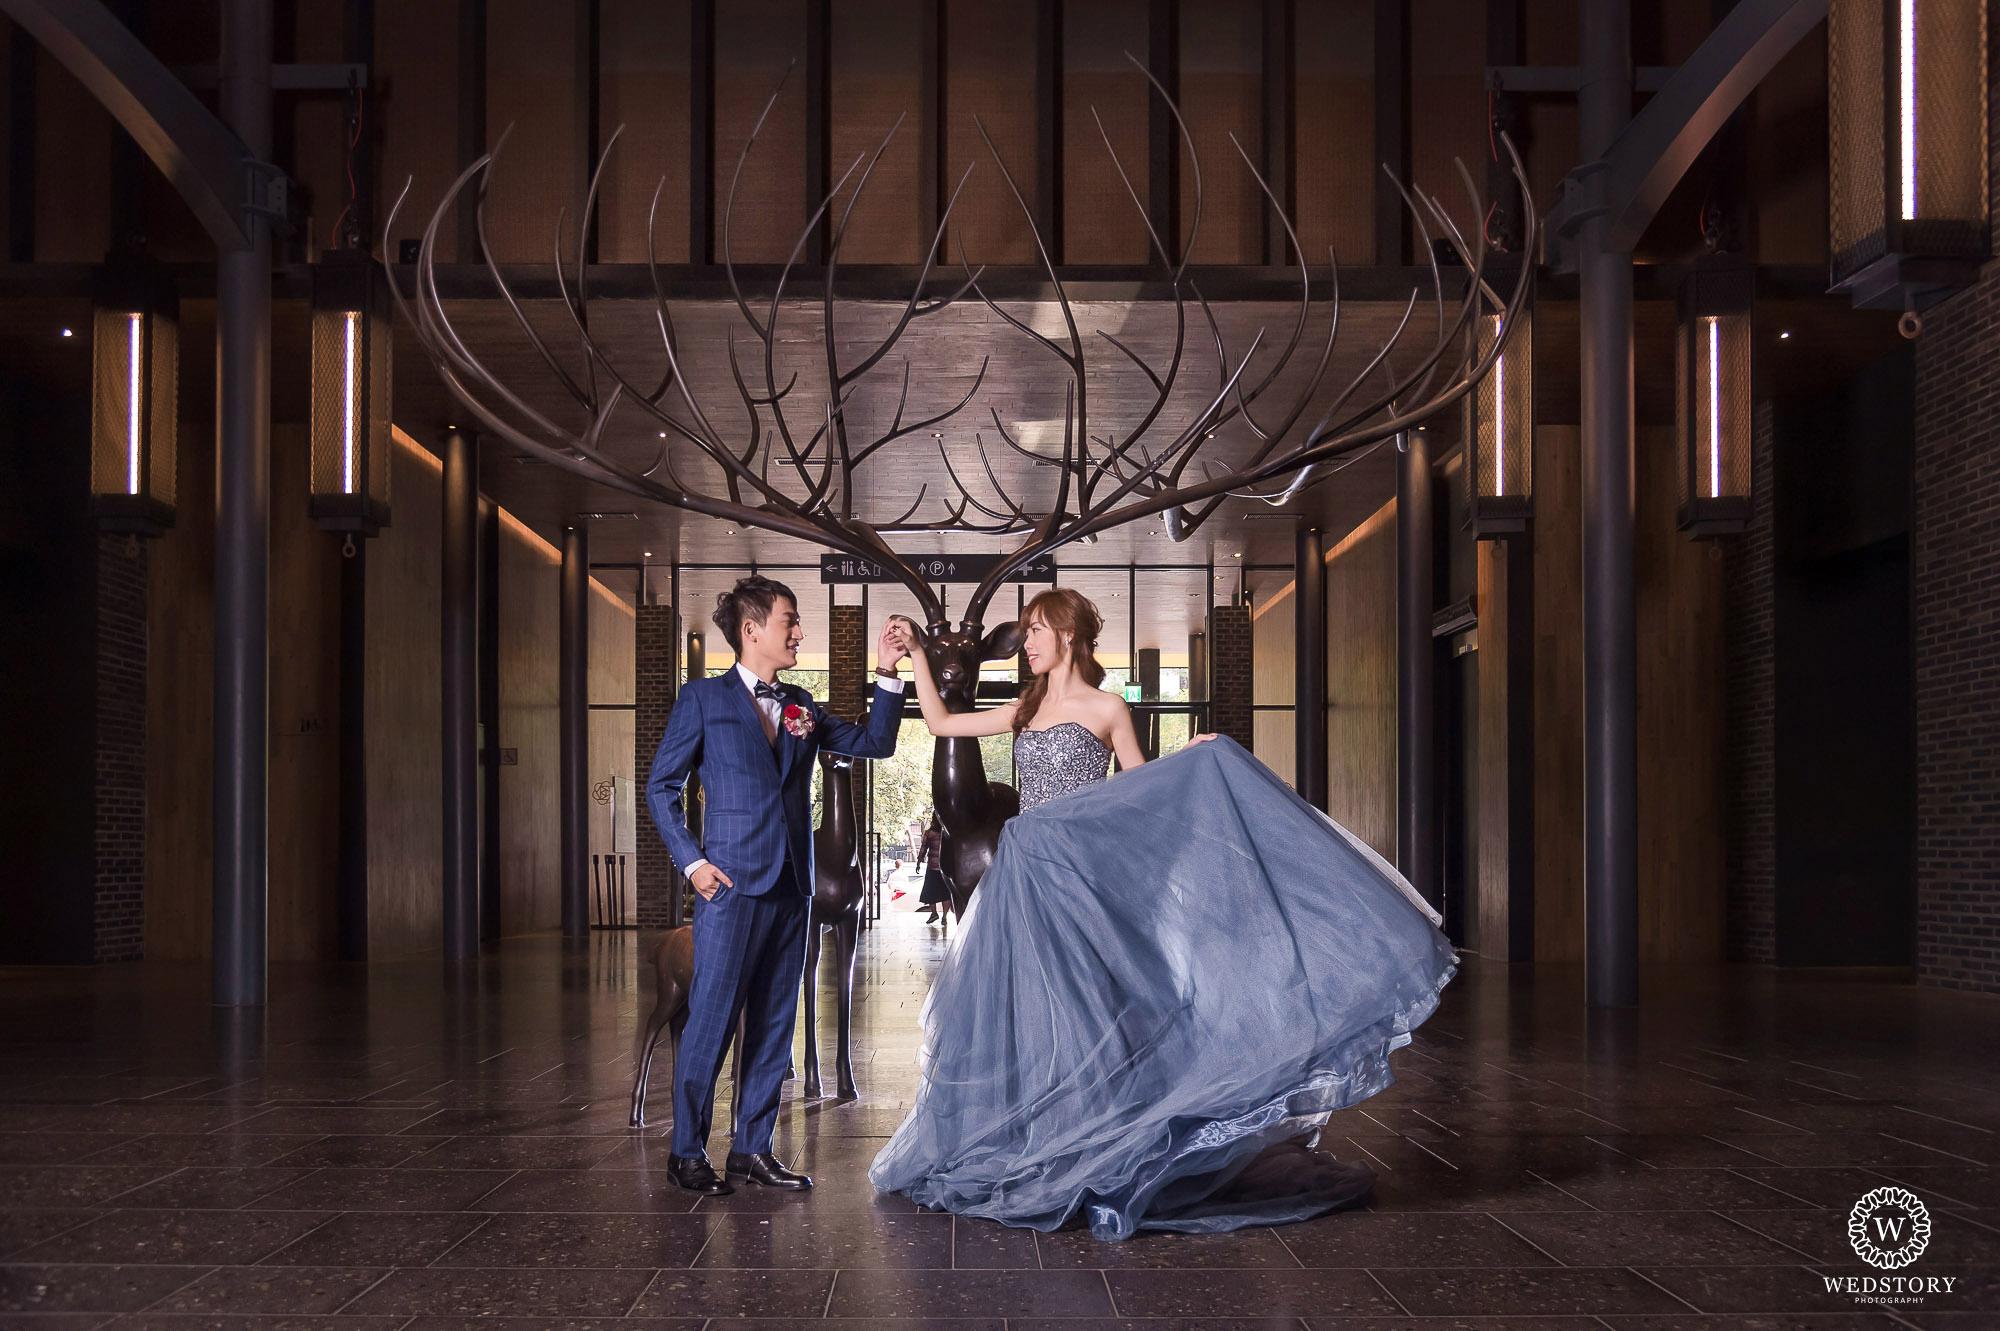 高雄晶綺盛宴婚攝112,銀河廳,珍珠廳,婚攝推薦,婚禮攝影,婚禮紀錄